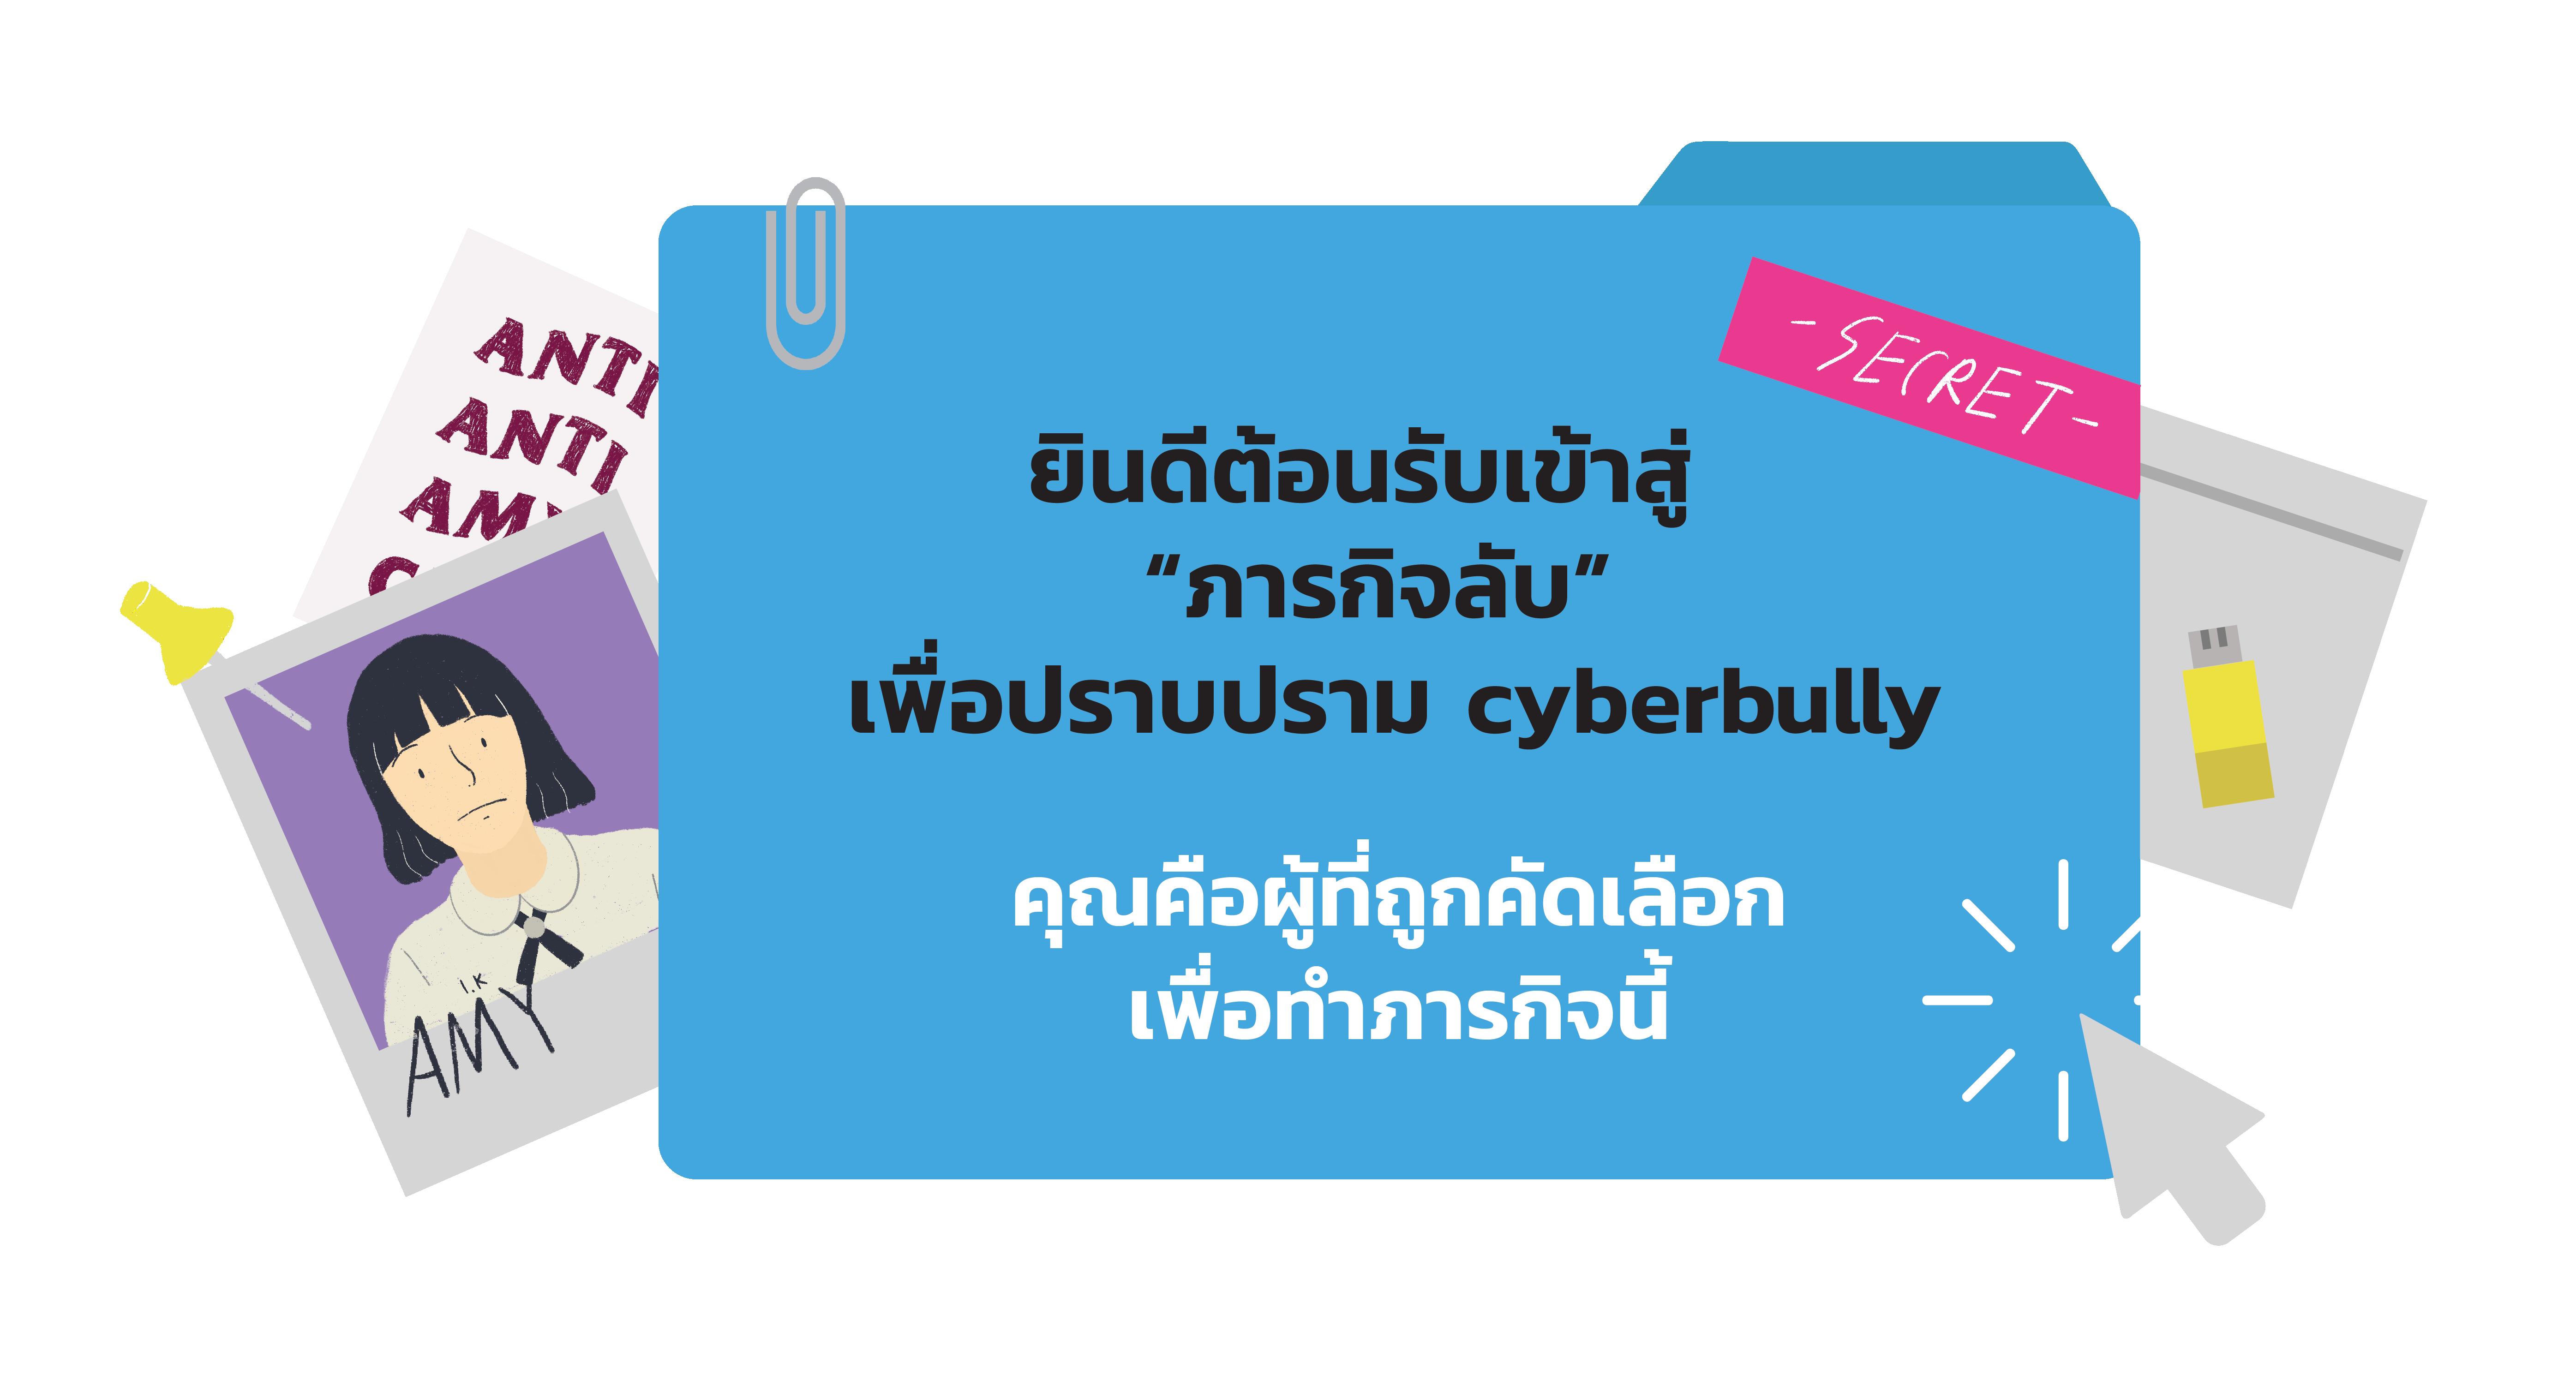 ภาพประกอบไอเดีย สื่อการสอน ภารกิจลับเพื่อปราบปราบ Cyberbully